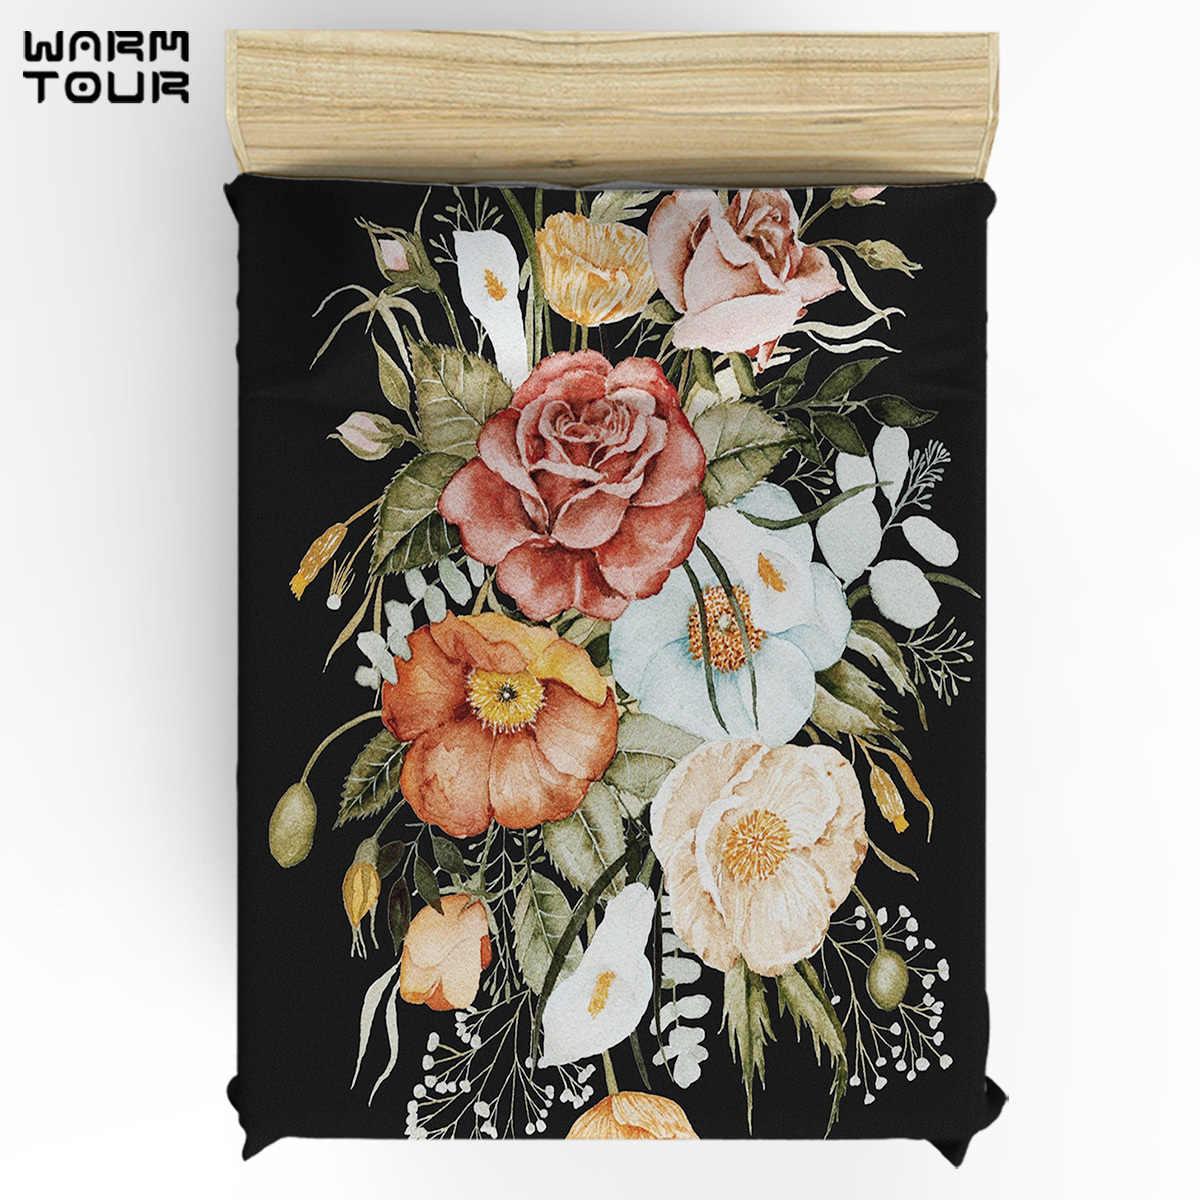 WARMTOUR Copripiumino Rose e Papaveri Bouquet su Carbone Nero Duvet Cover Set 4 Pezzi Set di Biancheria Da Letto Per Letti